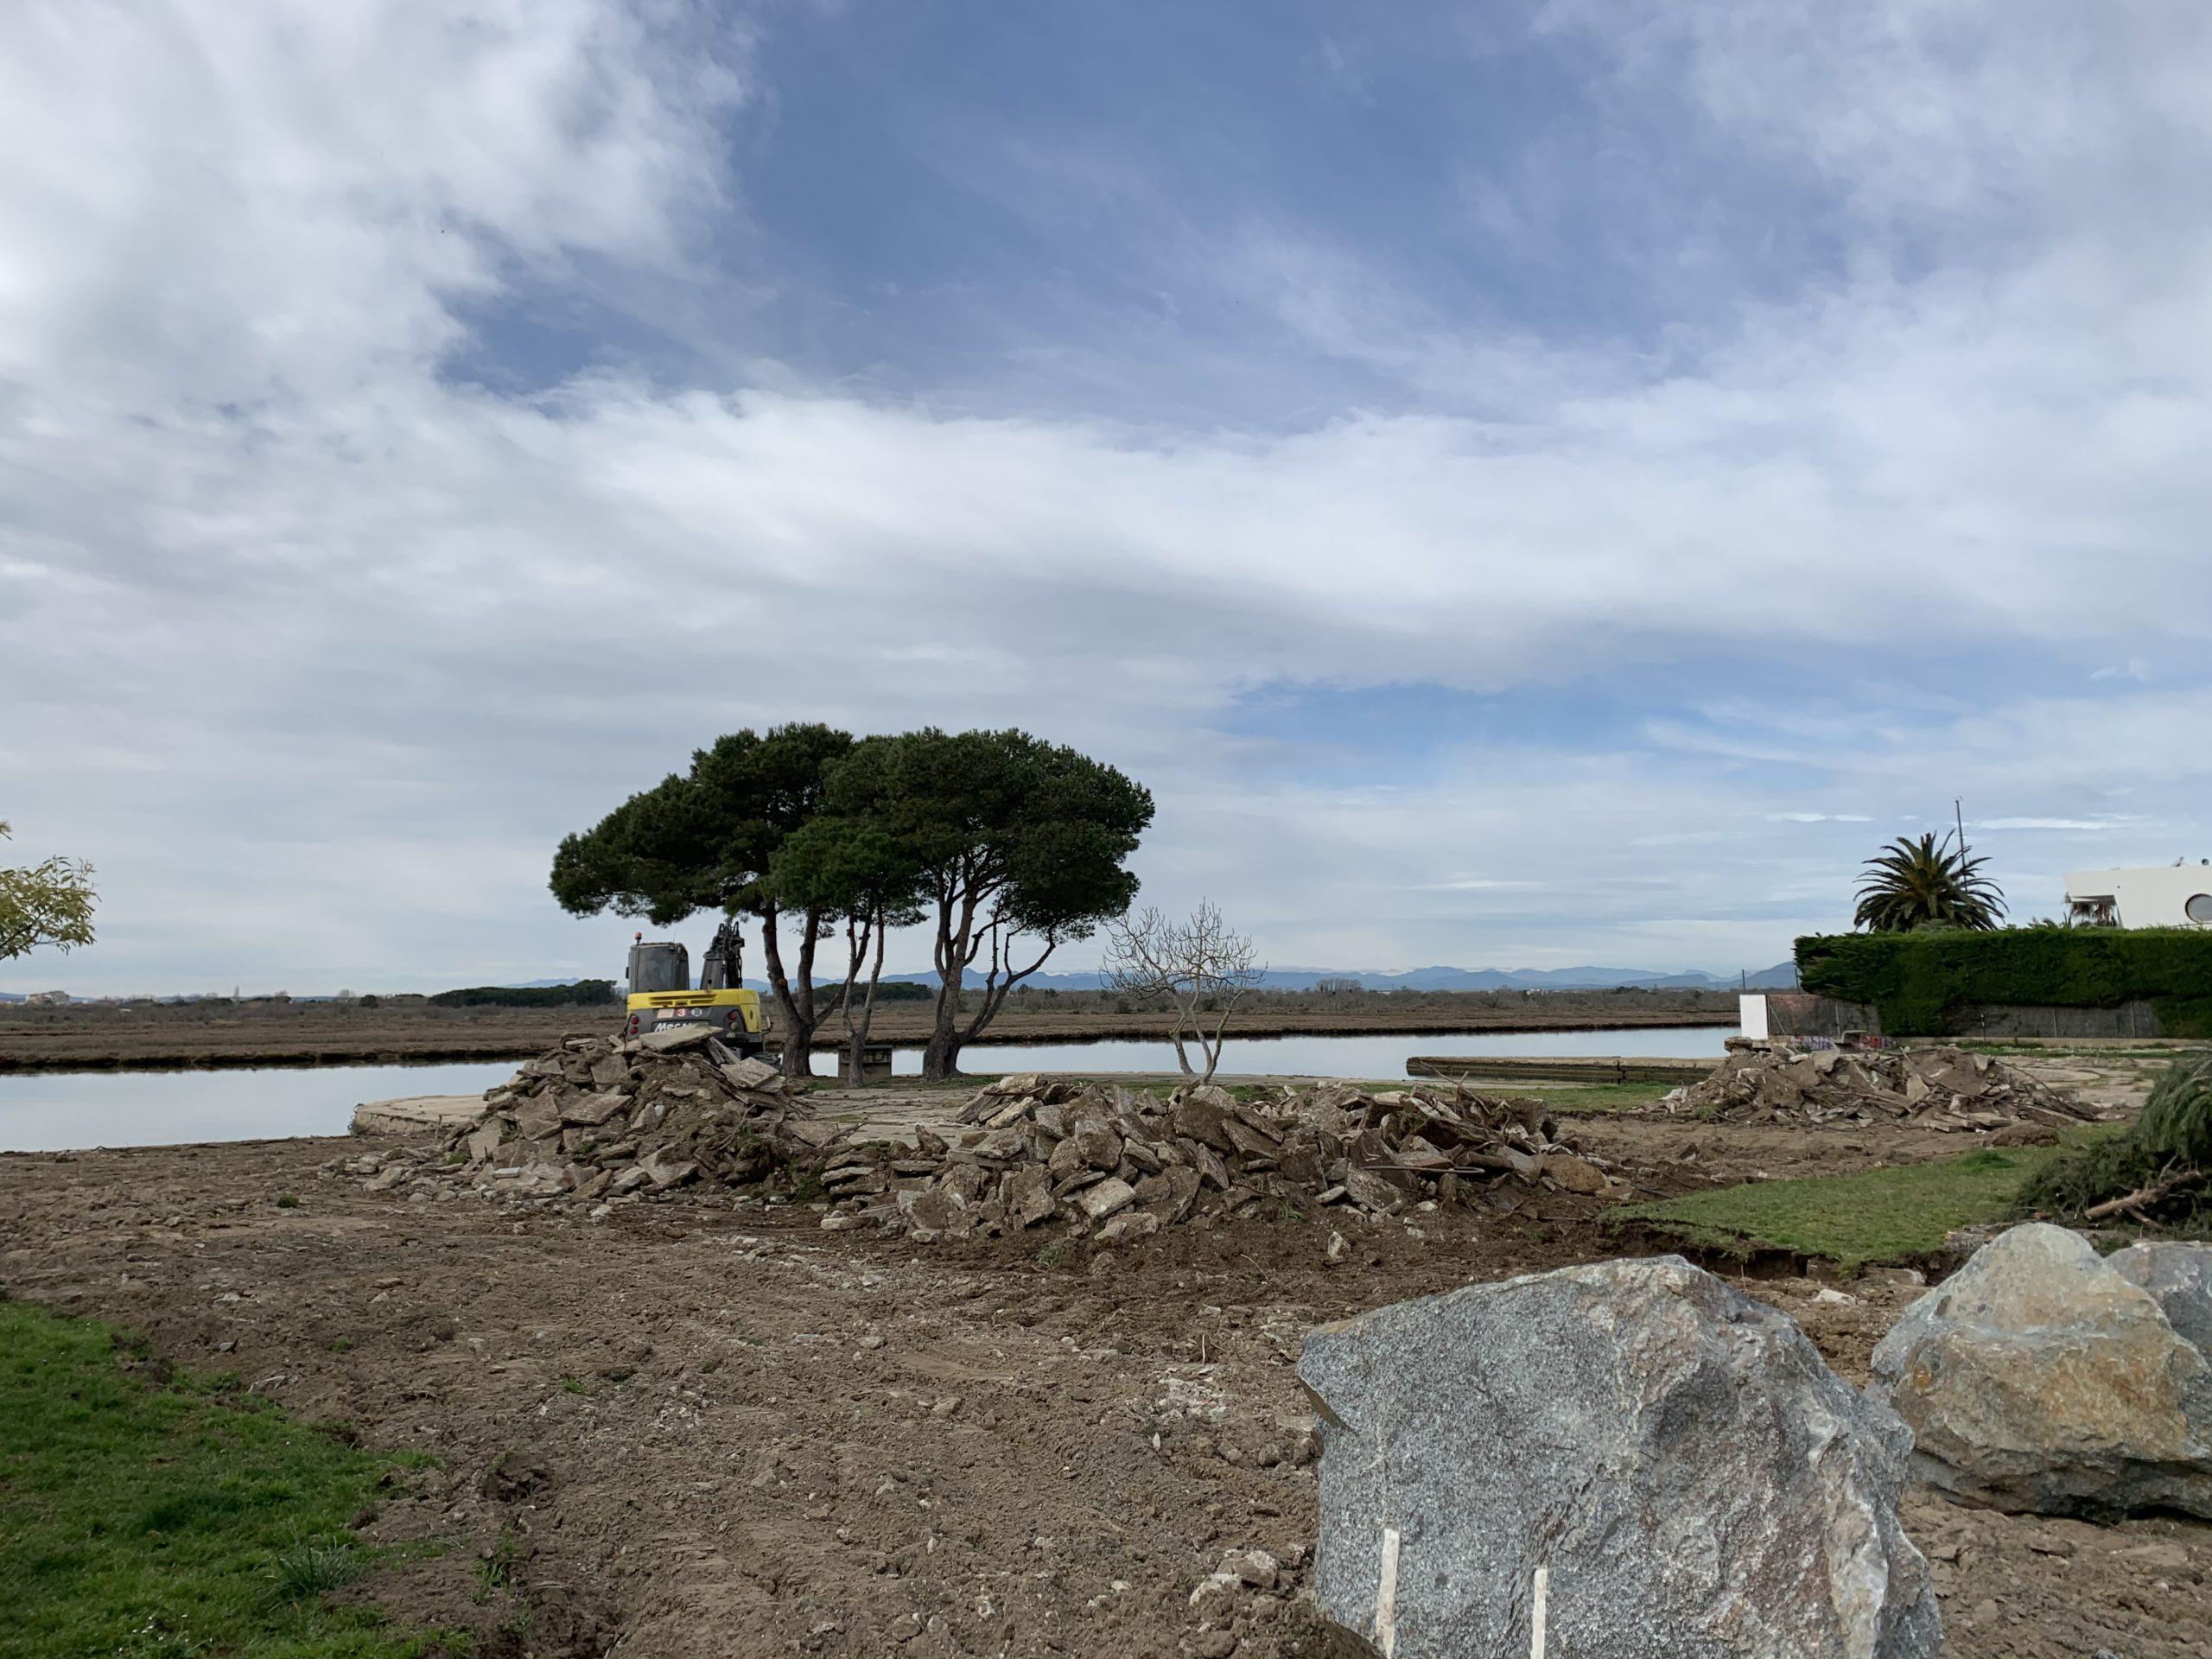 Comença el projecte per dotar el canal Gran de Santa Margarida d'una zona verda i mirador als Aiguamolls